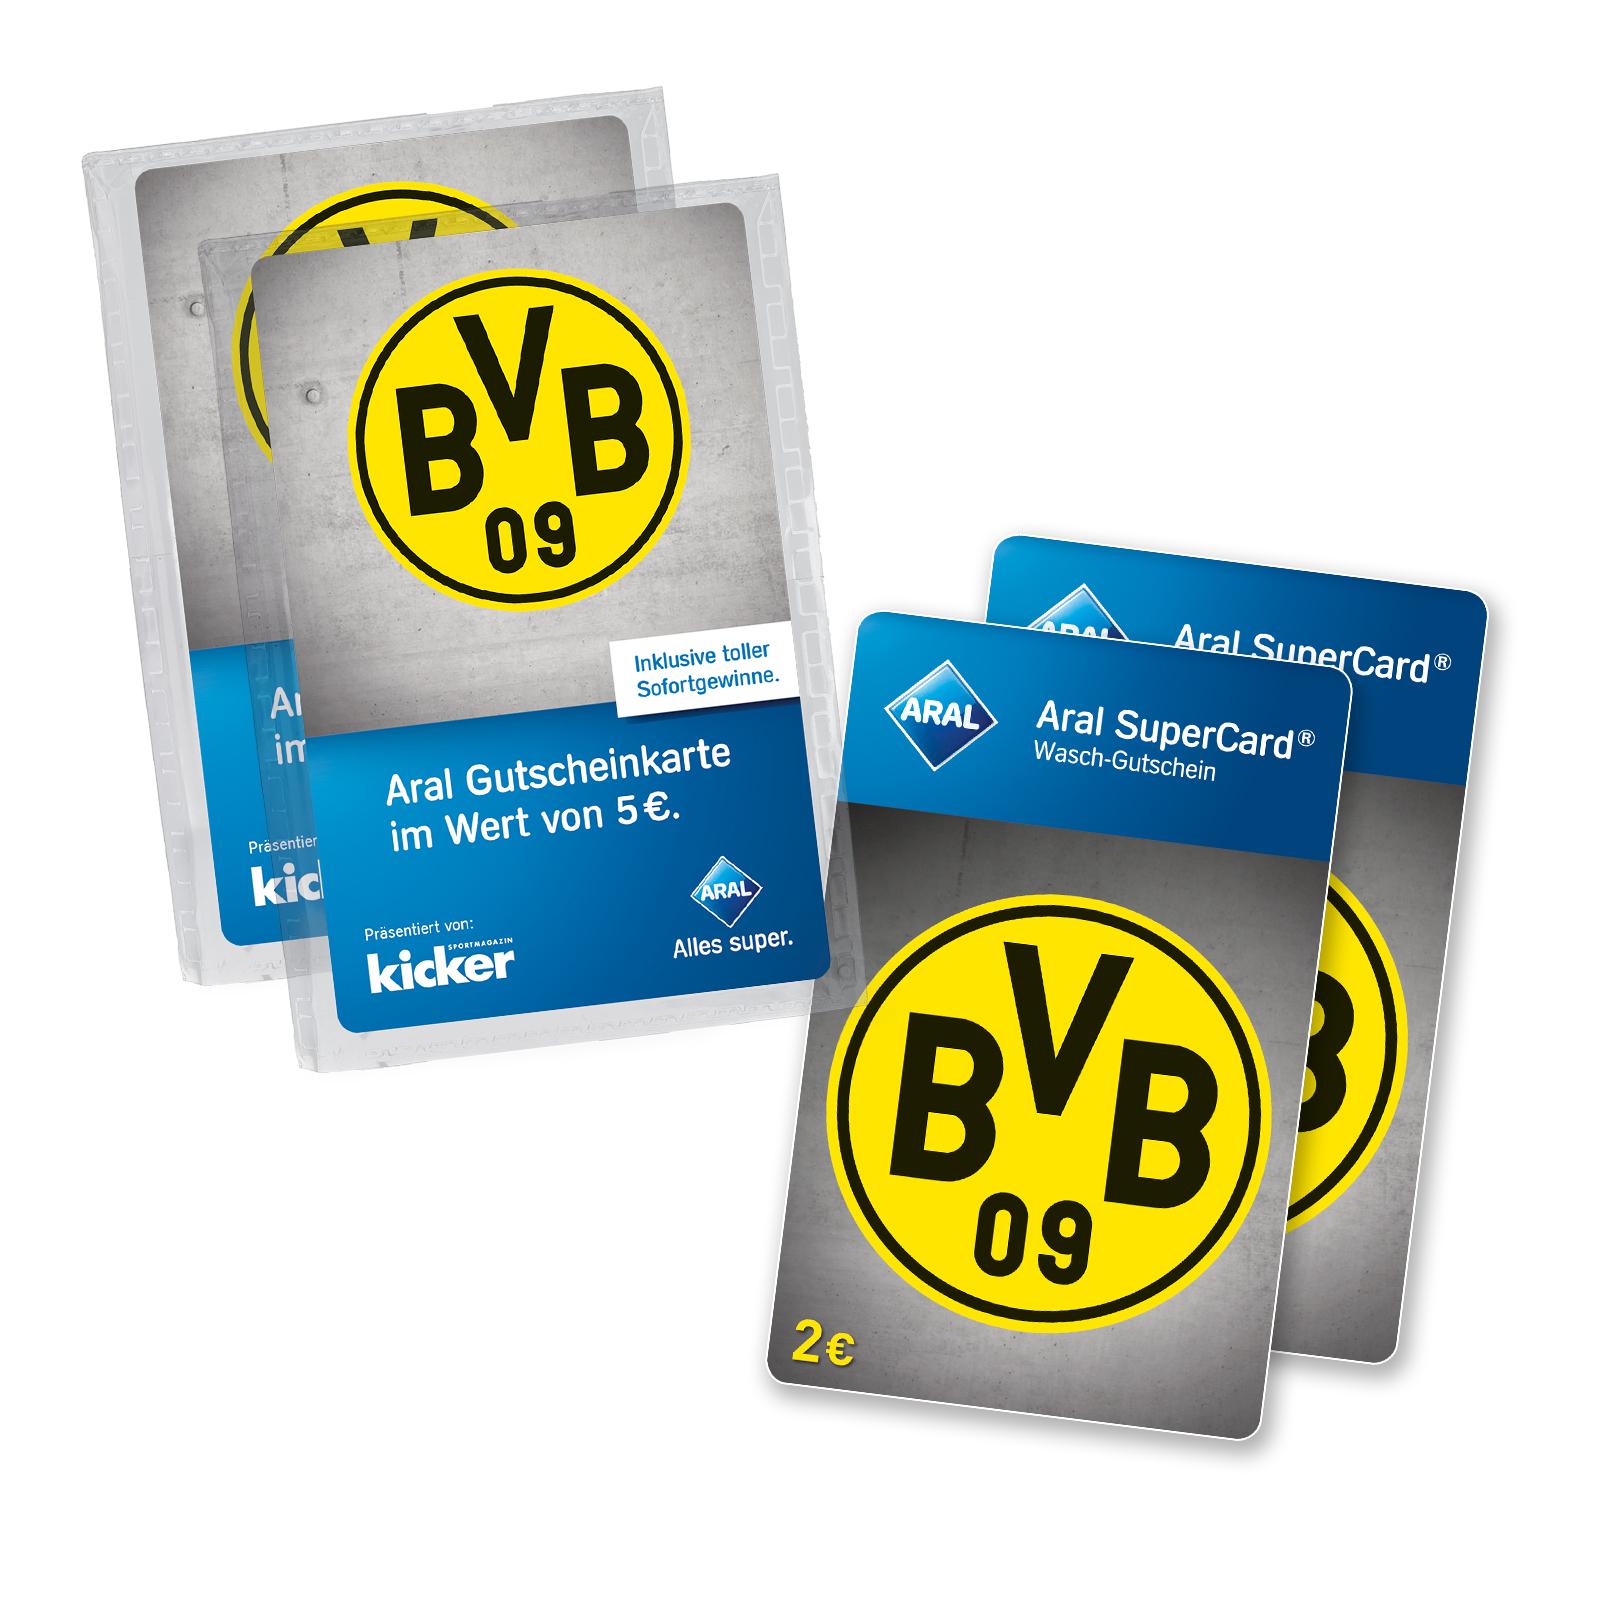 BVB Borussia Dortmund Fanshop 10€ Aral Karten kaufen (können Tank oder Waschkarten sein) 4€ Waschkarten gratis